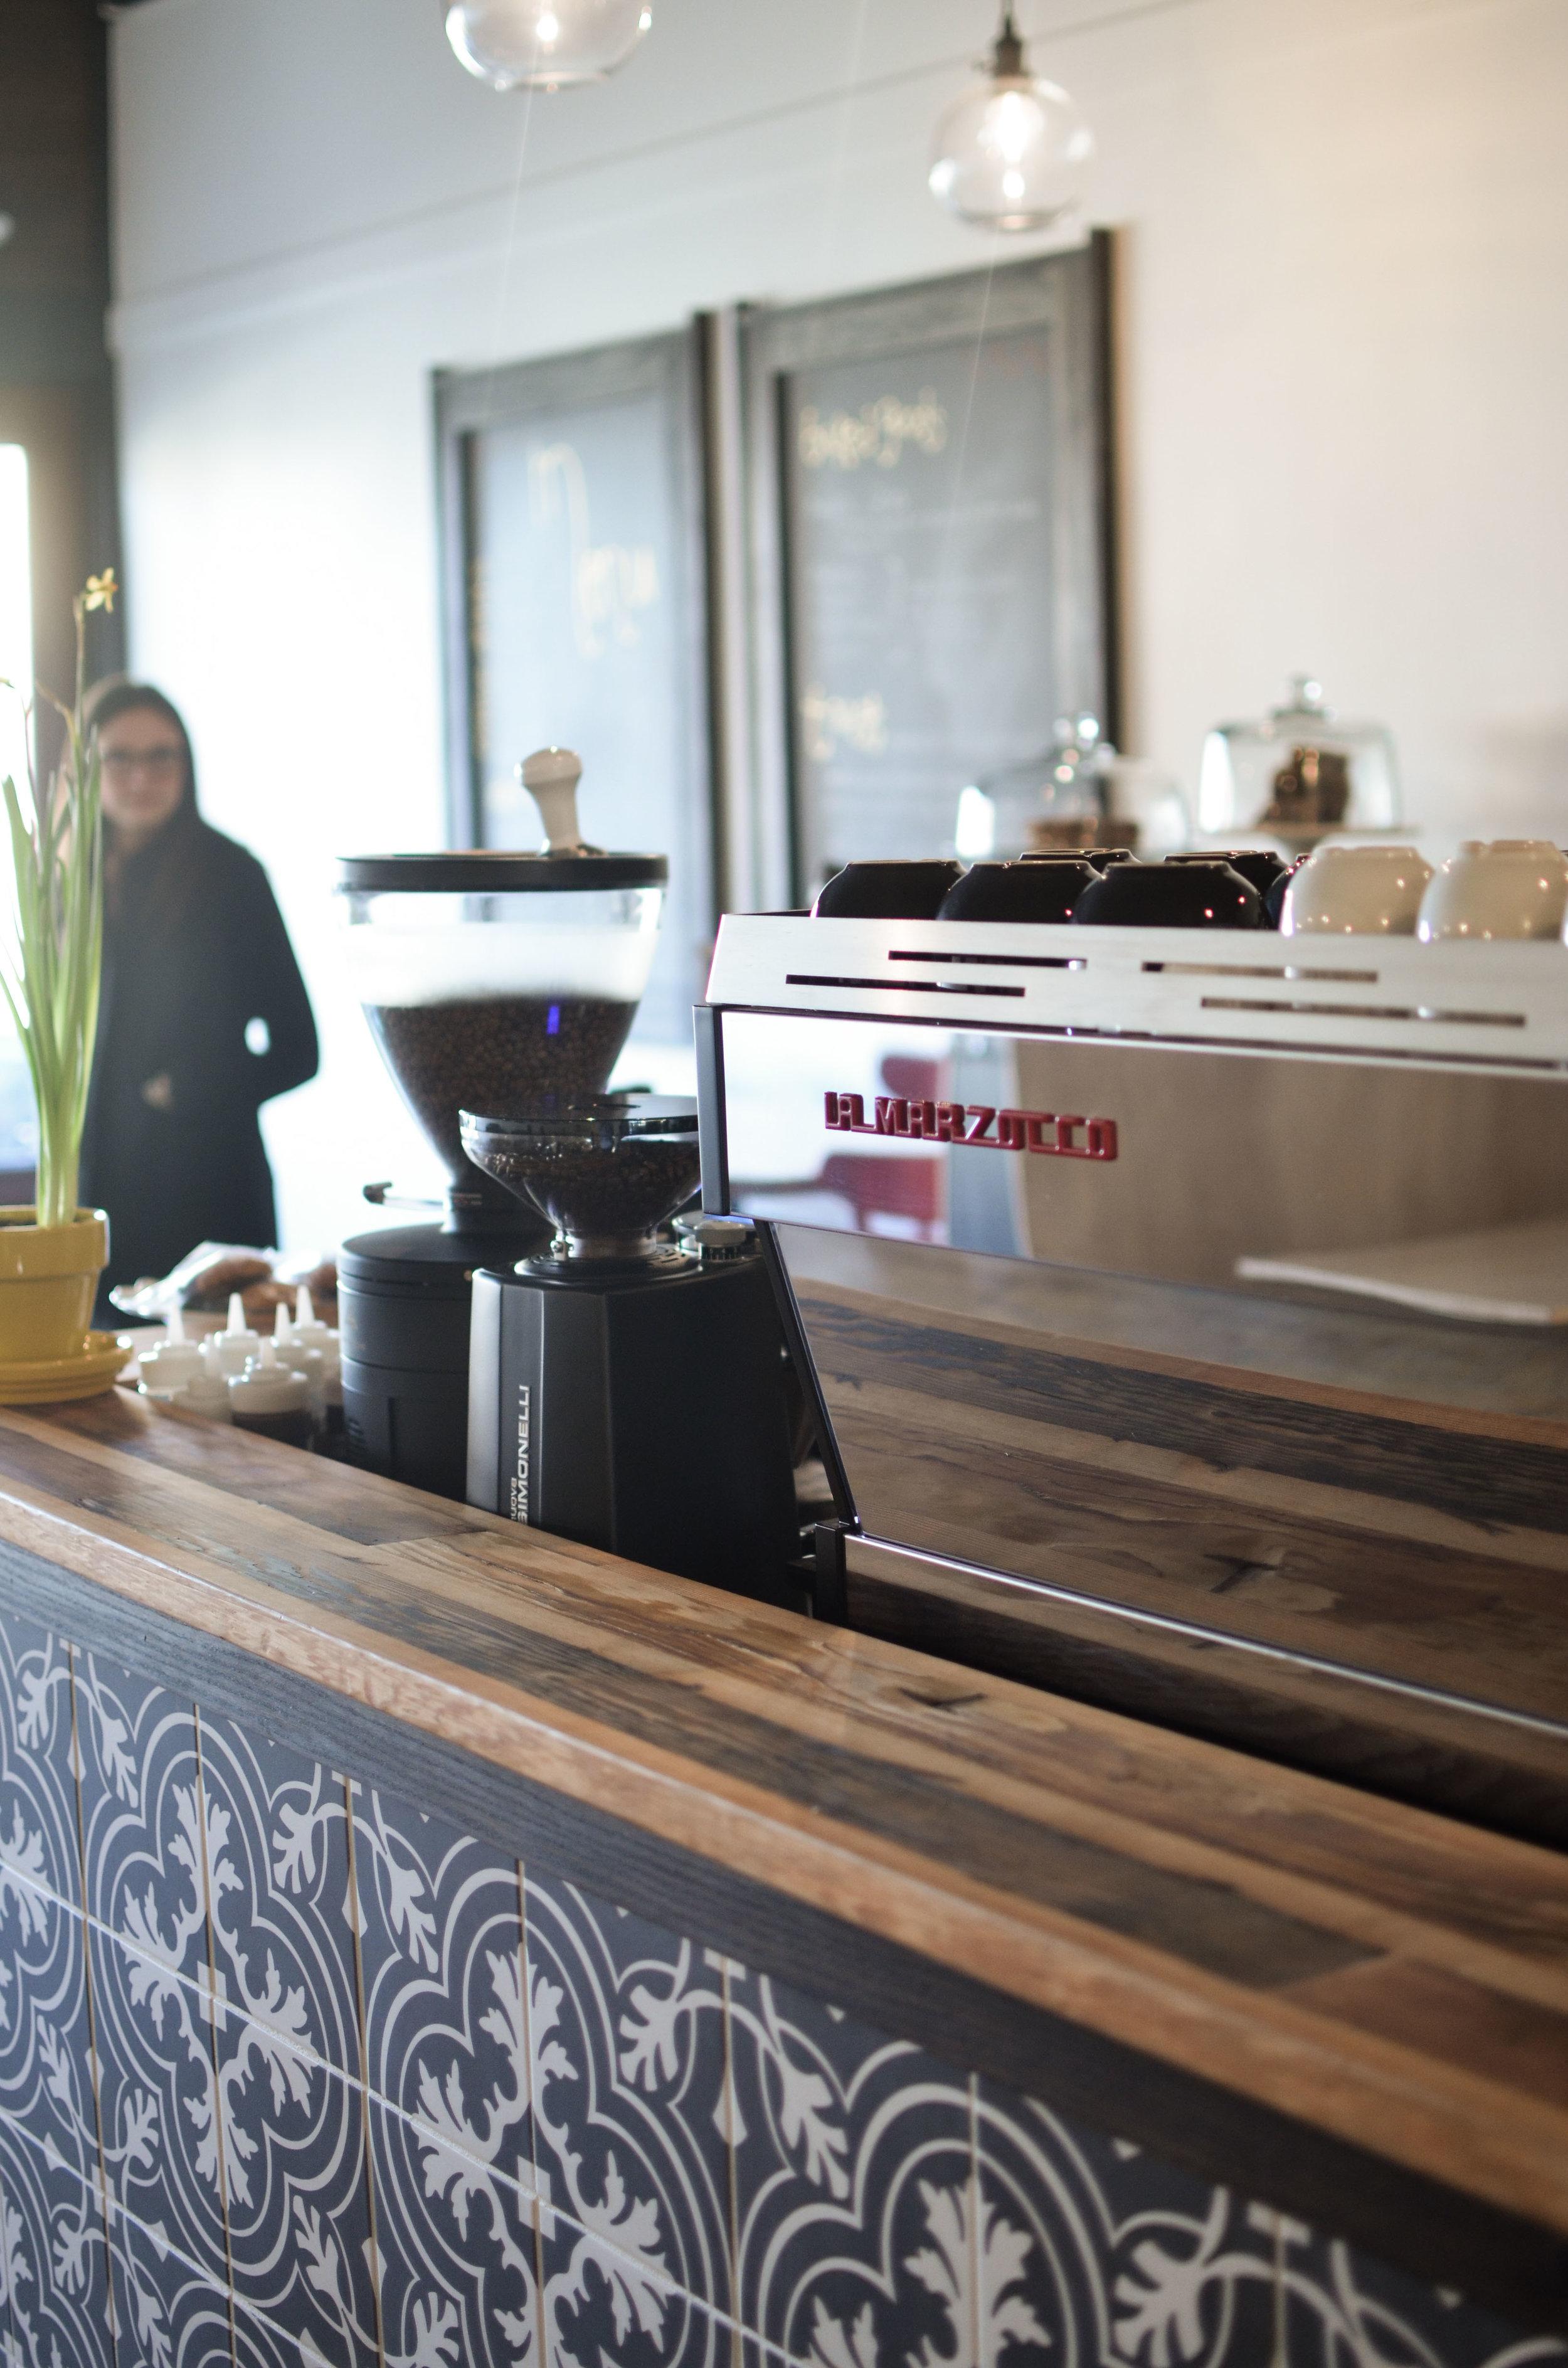 Wendling_Boyd_Drip_Coffee_Holland_Michigan_Coffee_Culture-10.jpg